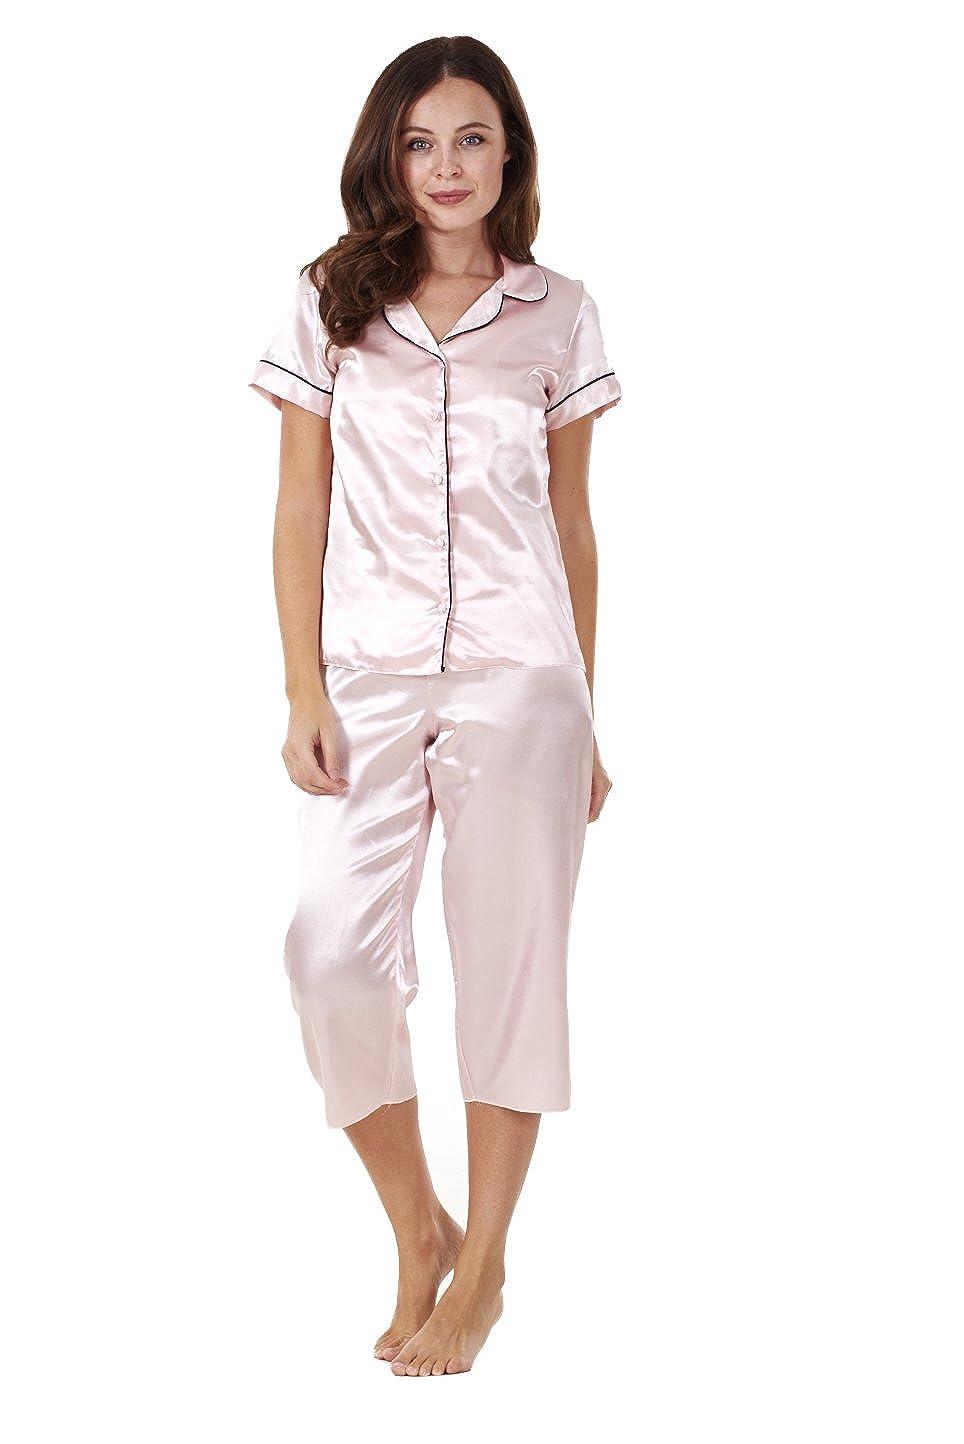 Conjunto de pijama para mujer - Manga corta - Pantalón de estilo pirata - Satinado - Rosa - EU 50: Amazon.es: Ropa y accesorios